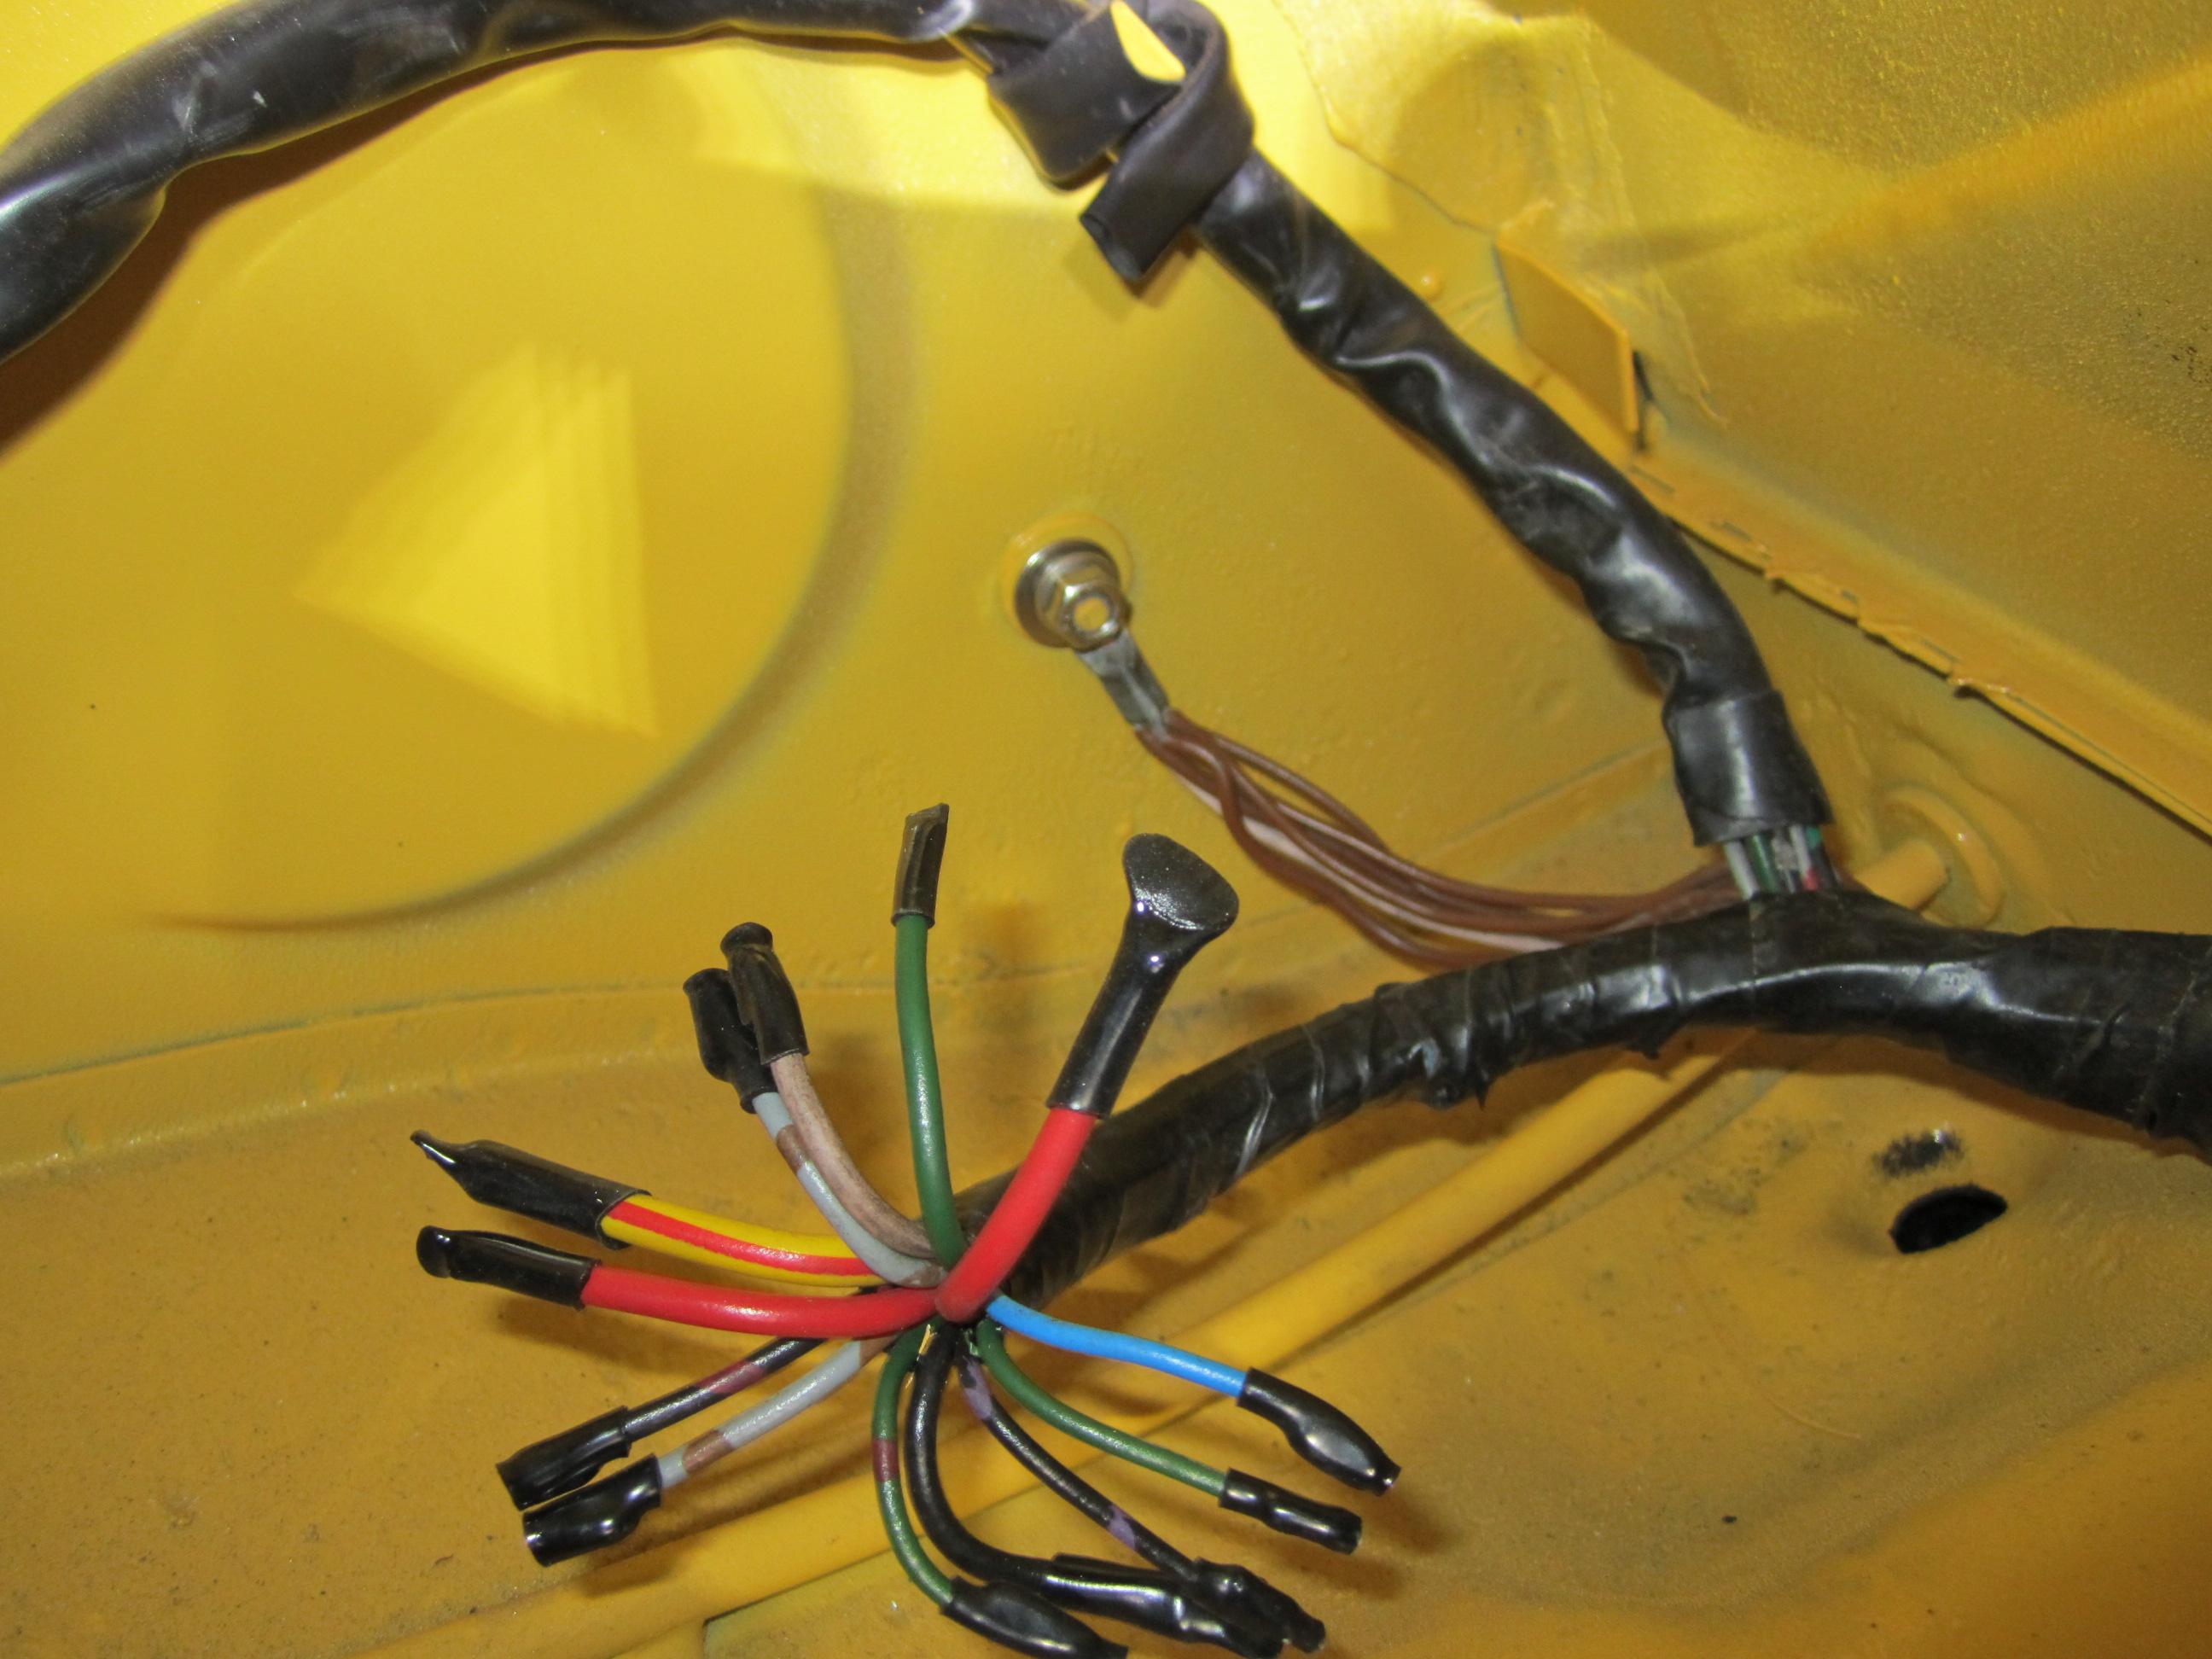 Wiring Diagram Moreover Porsche Wiring Diagrams Also Old Radio On Car